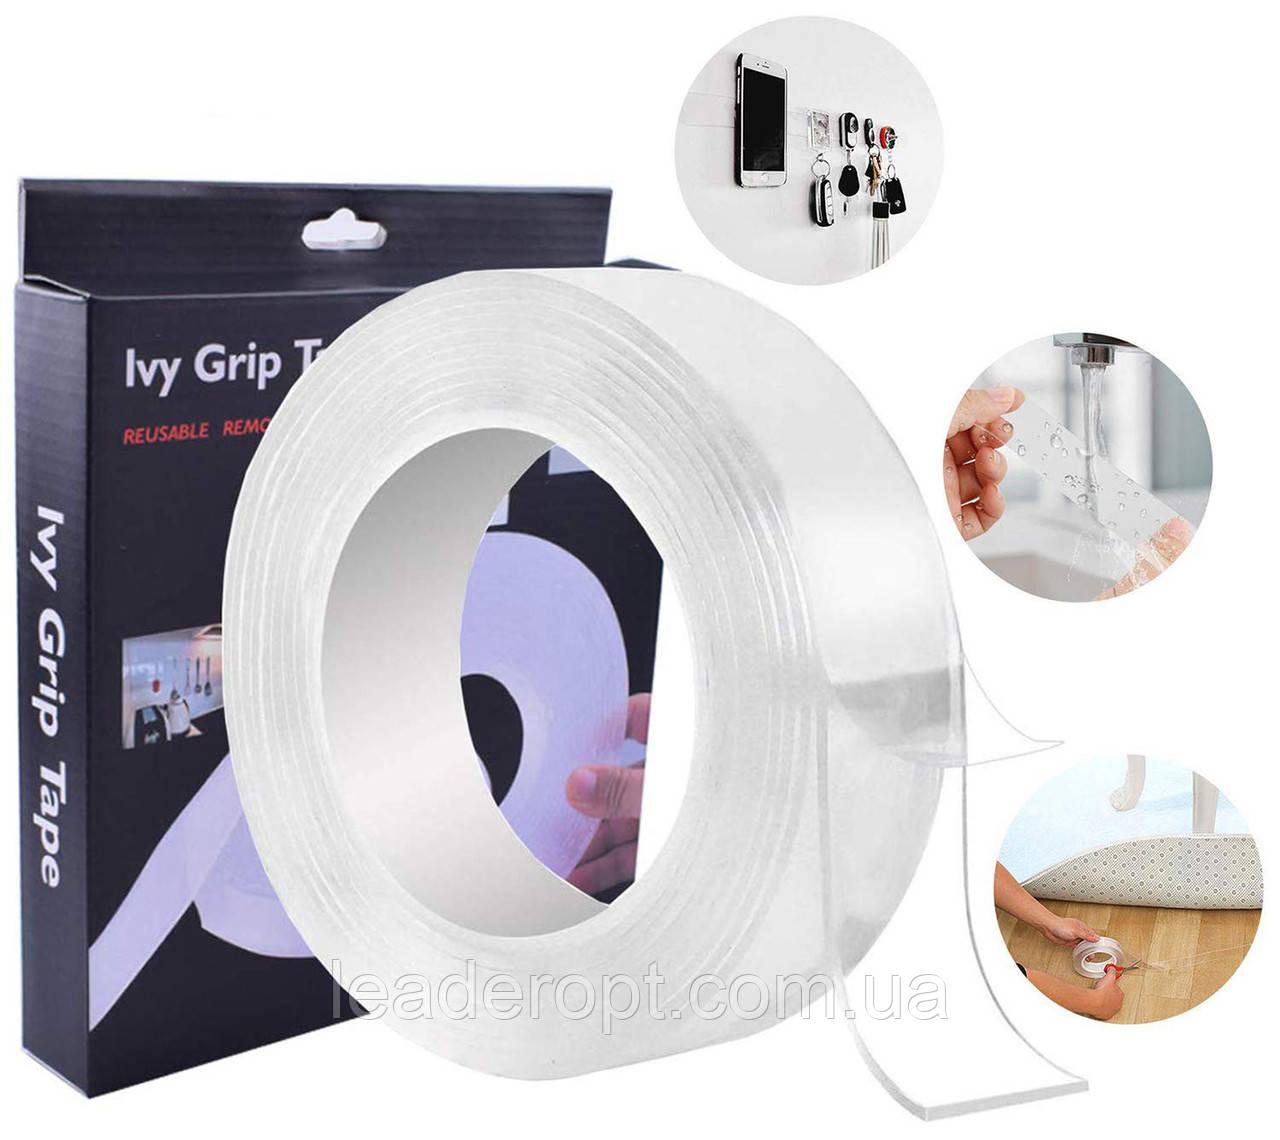 [ОПТ] Крепежная лента Ivy grip tape 3 m